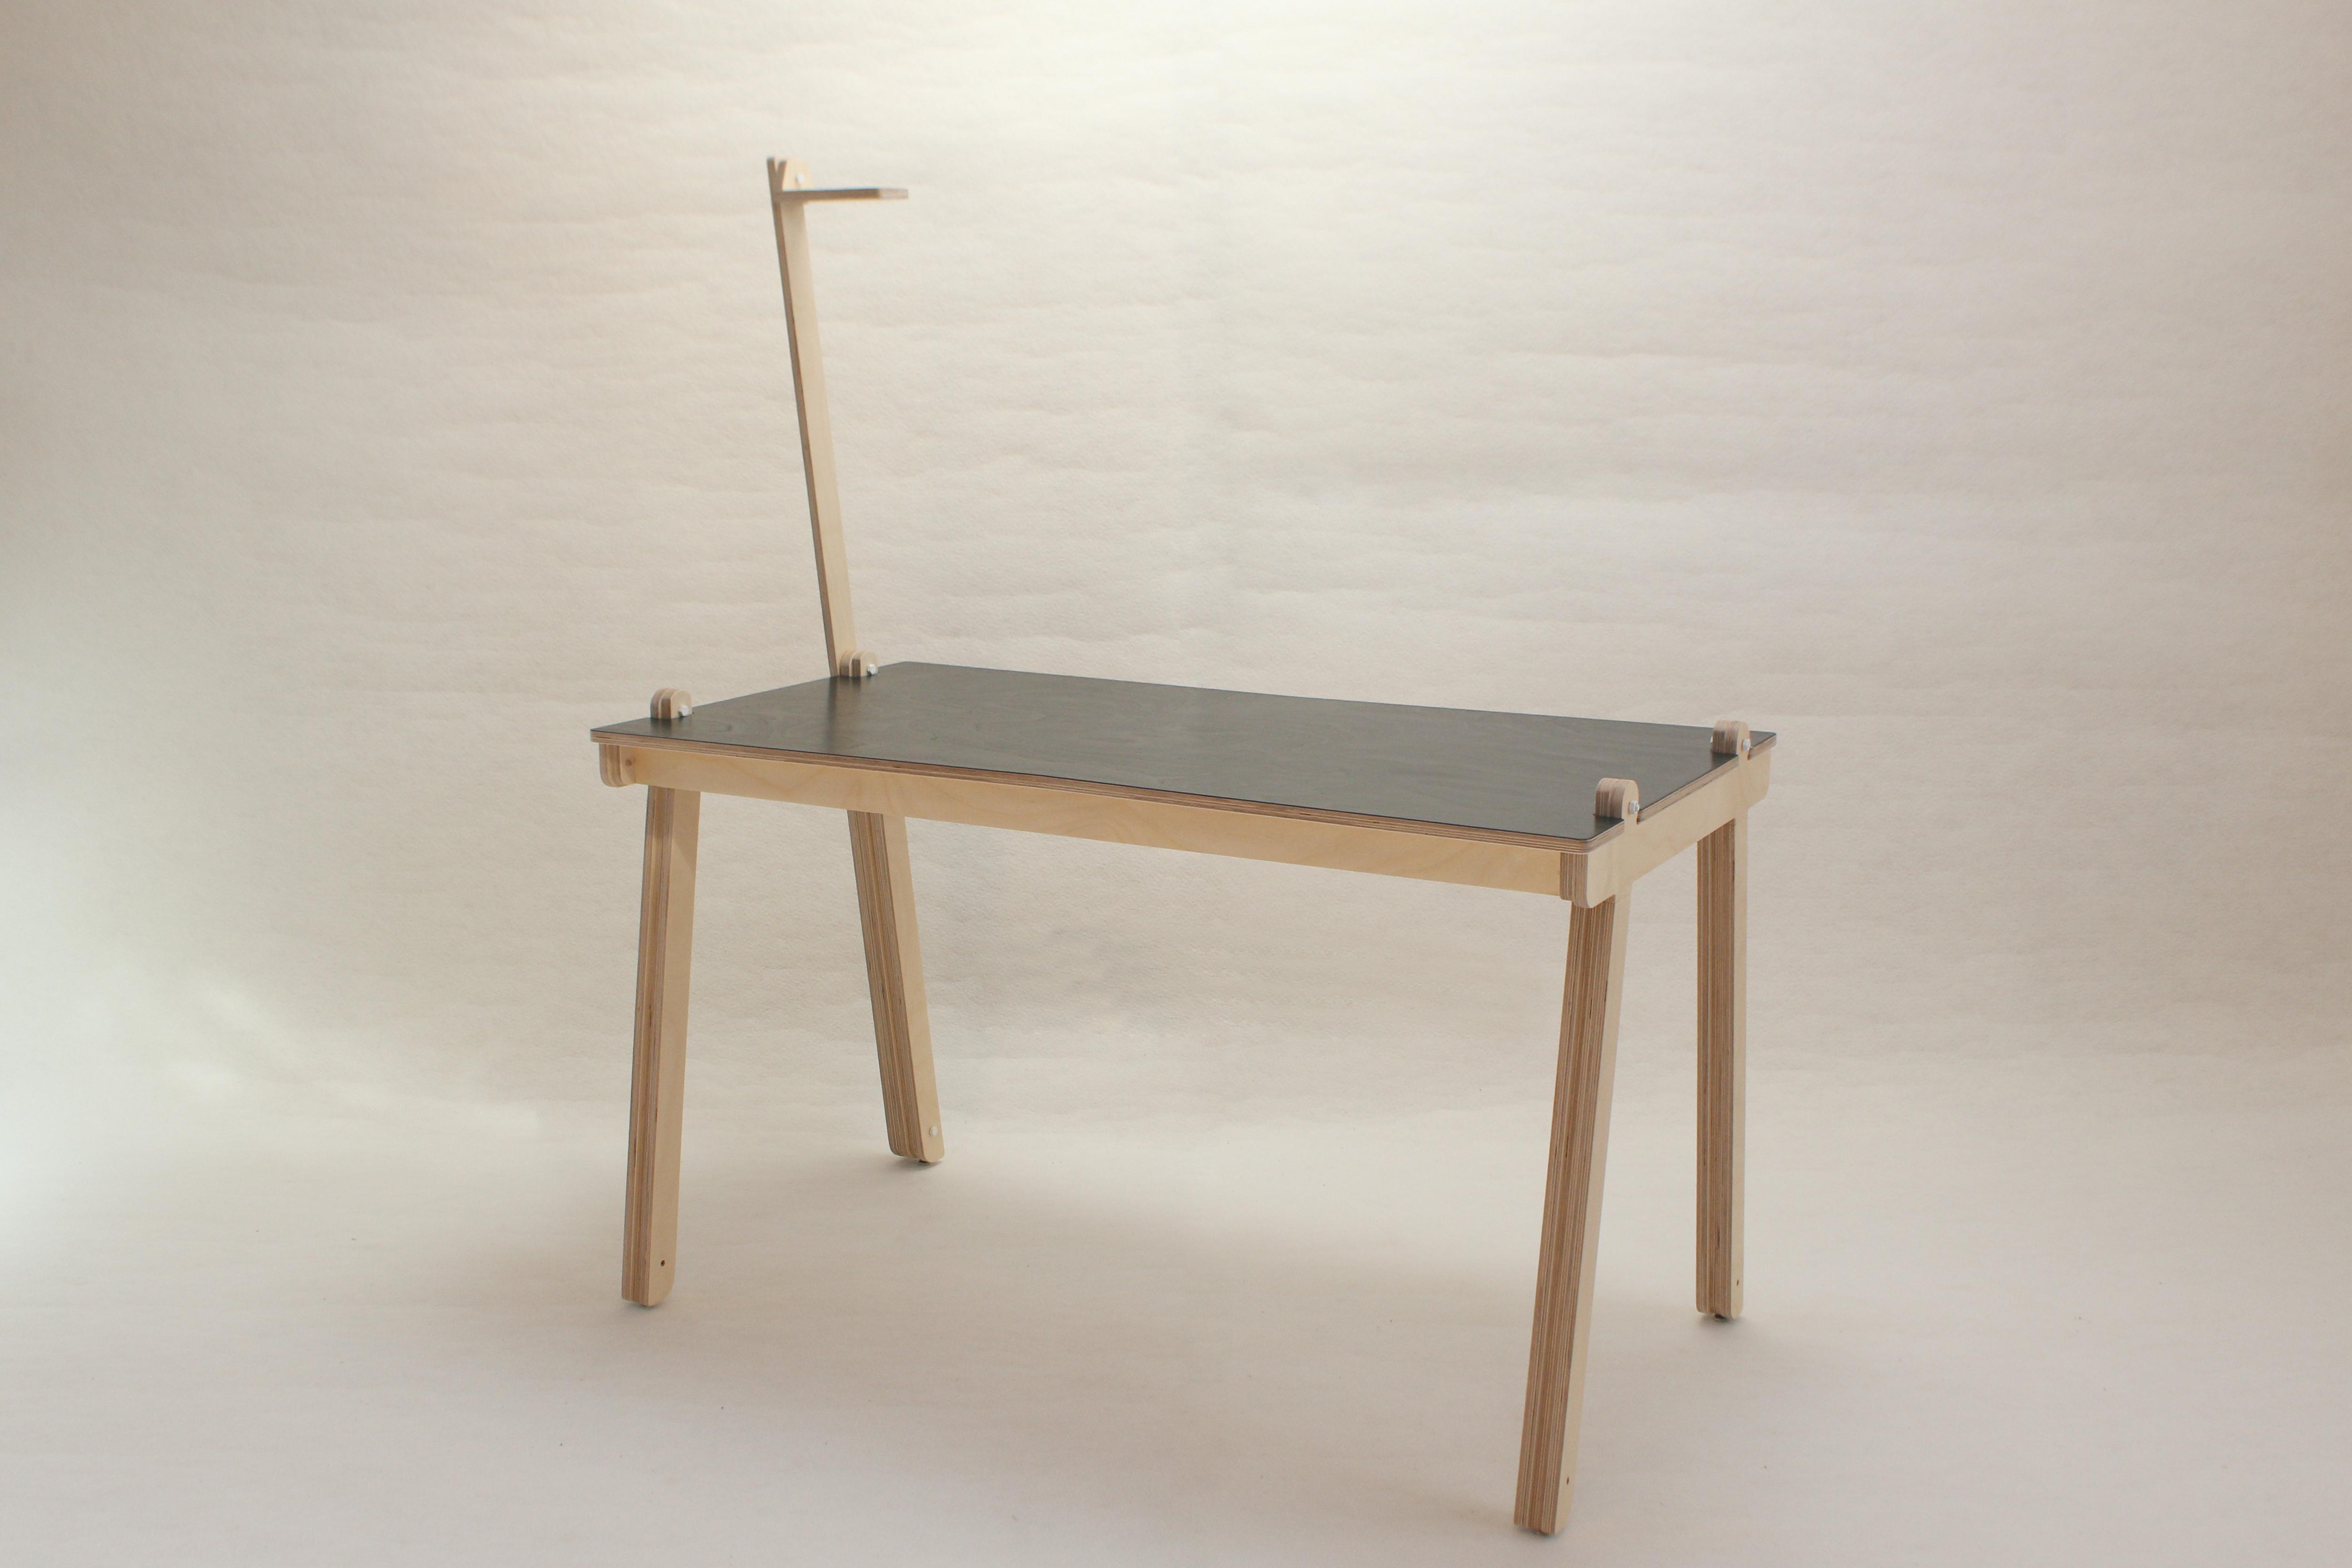 Bureau design en bois made in france ⋆ openwood